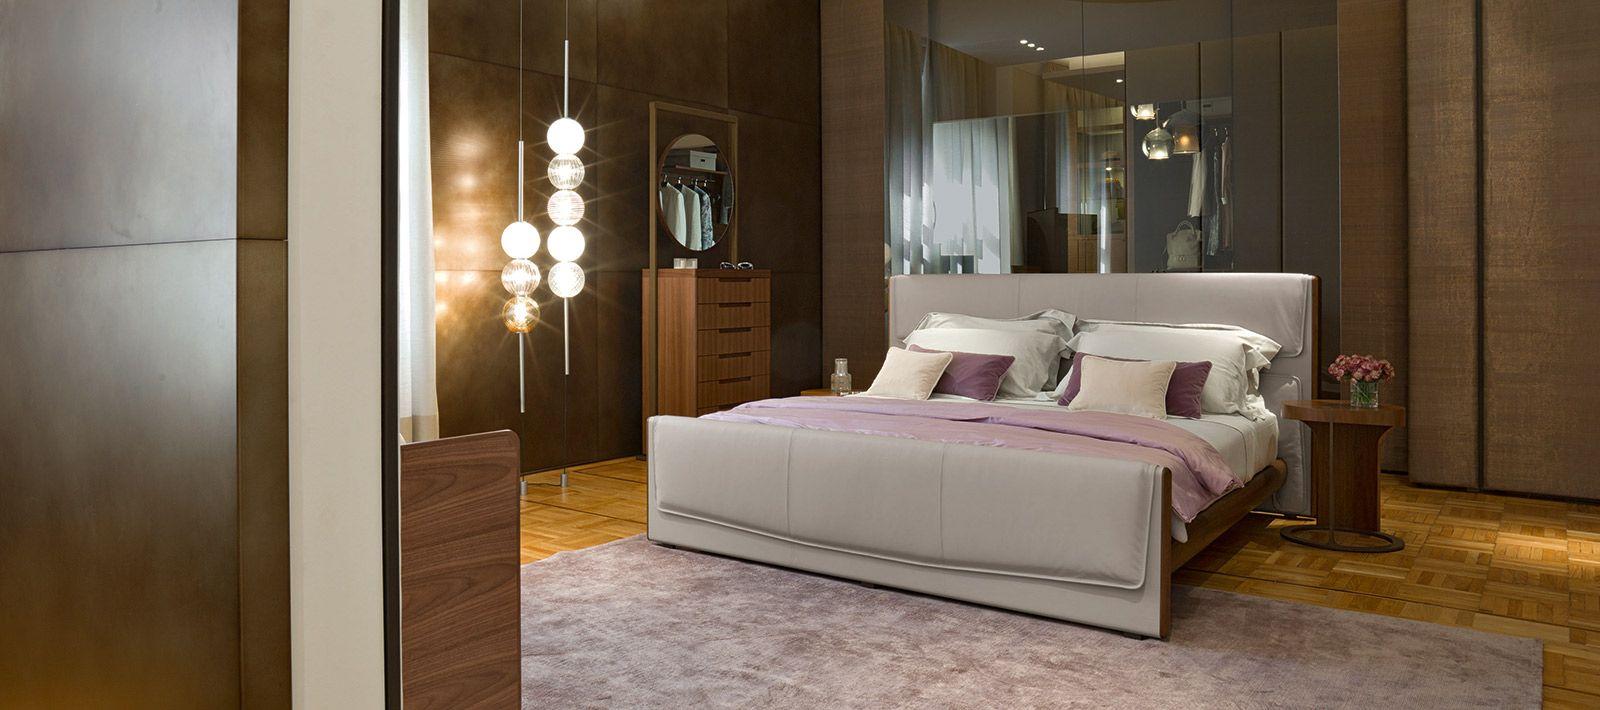 Furniture, Italian furniture, Bedroom interior